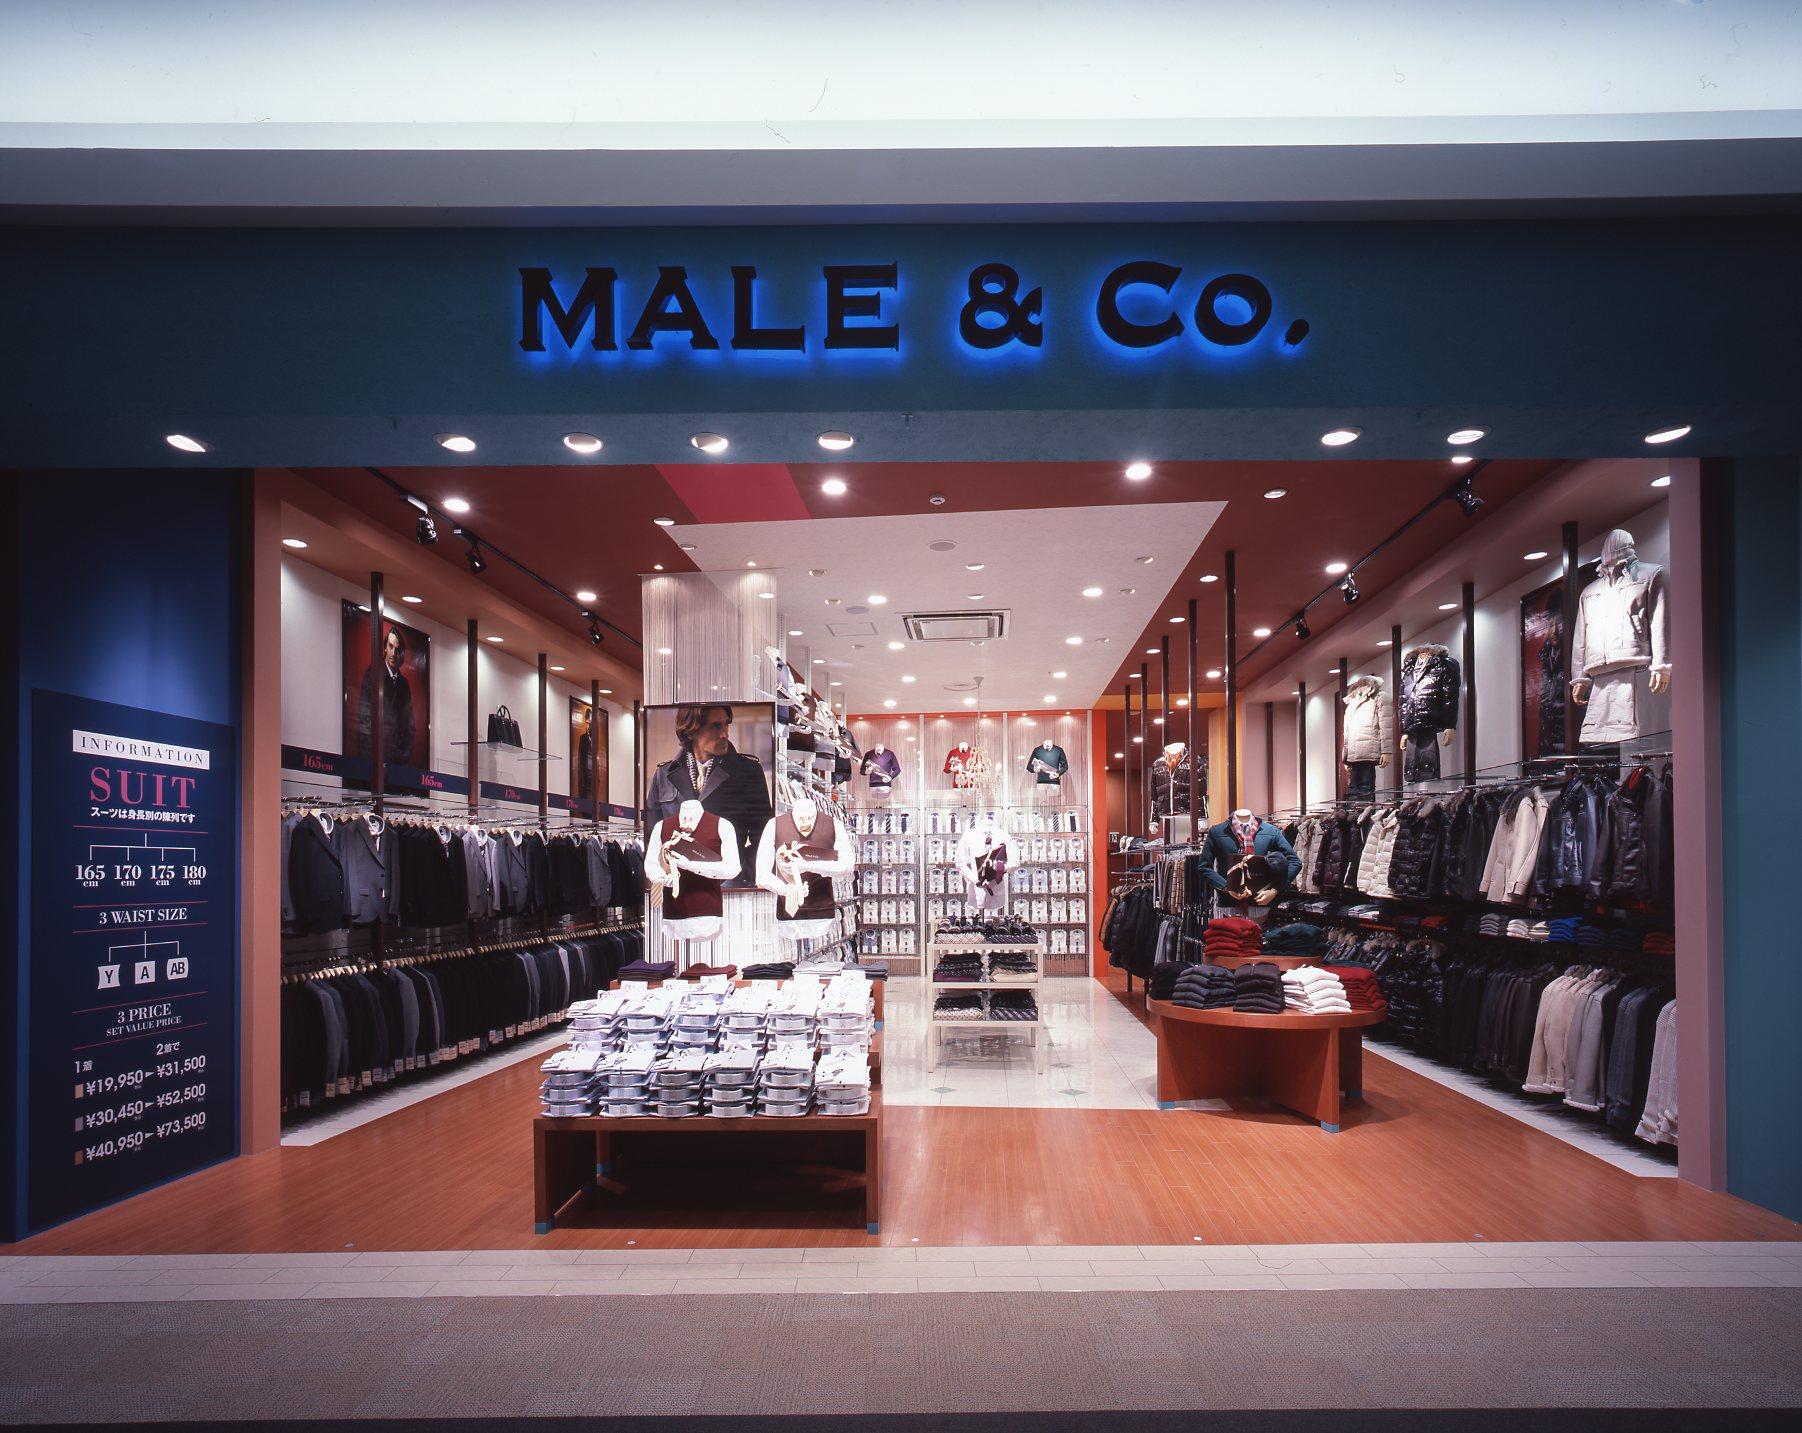 MALE&Co.